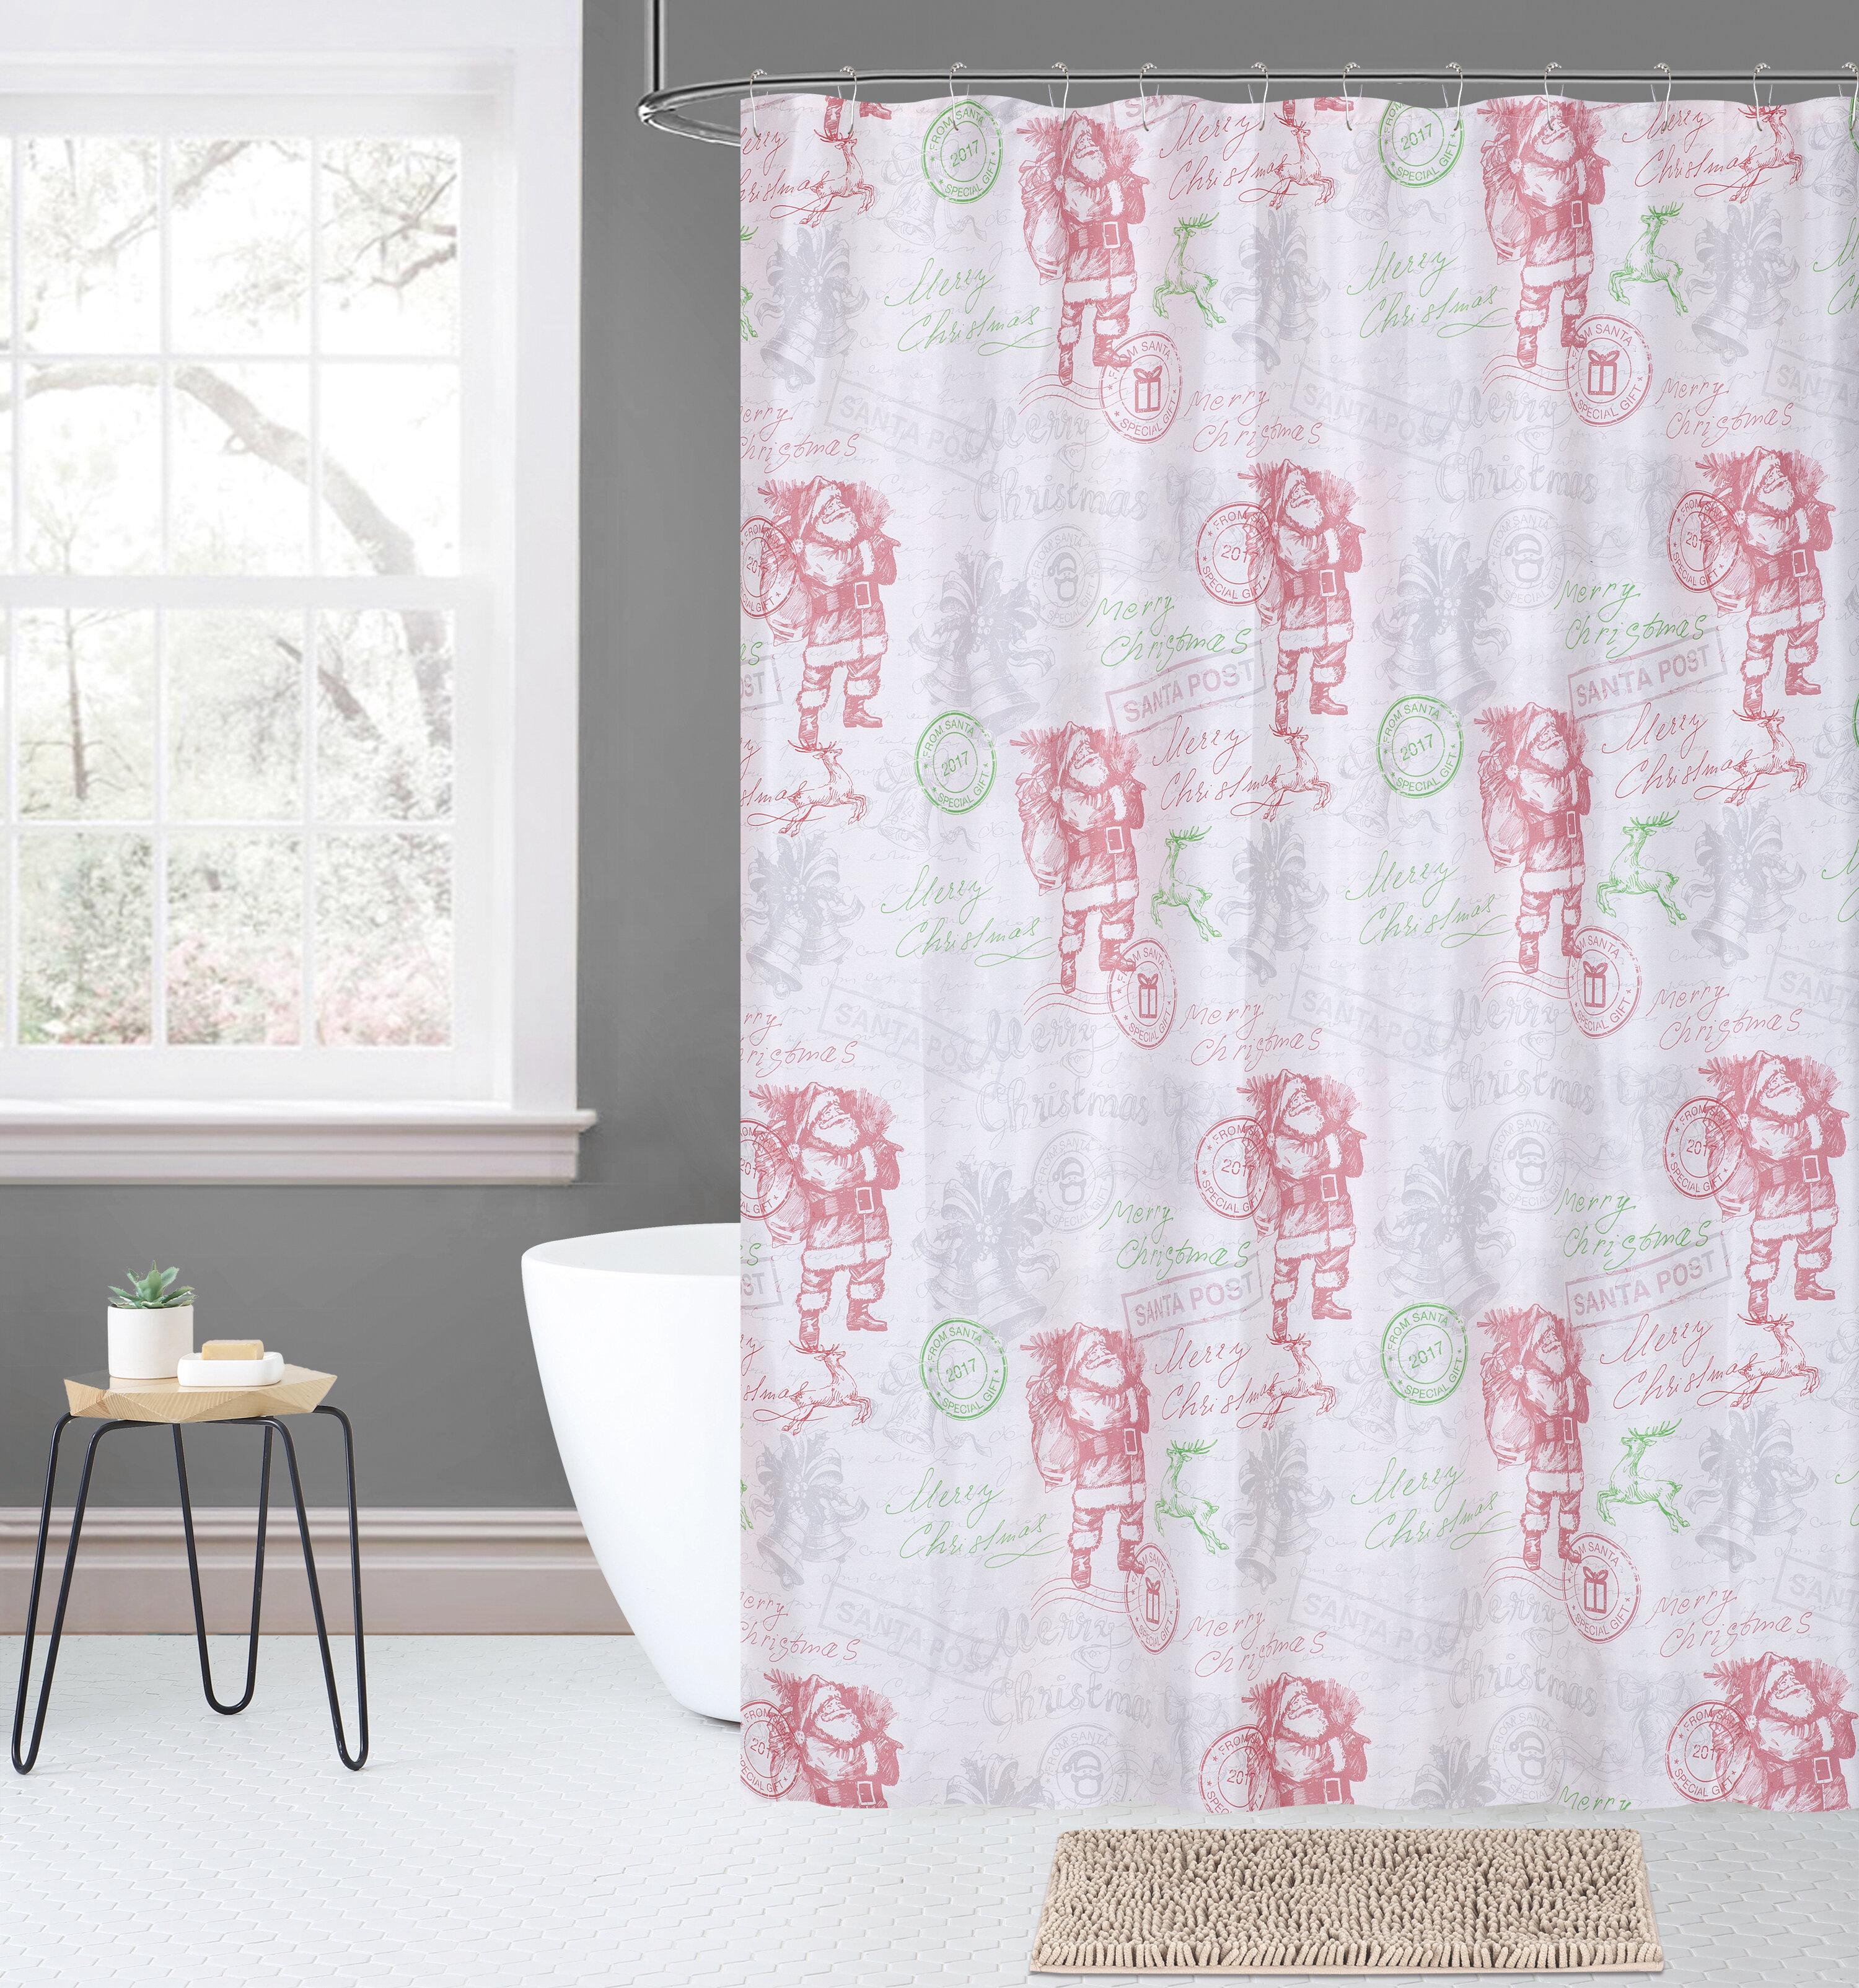 The Holiday Aisle Overturf 14 Piece Joy Noel Dear Santa Plaid Shower Curtain Set